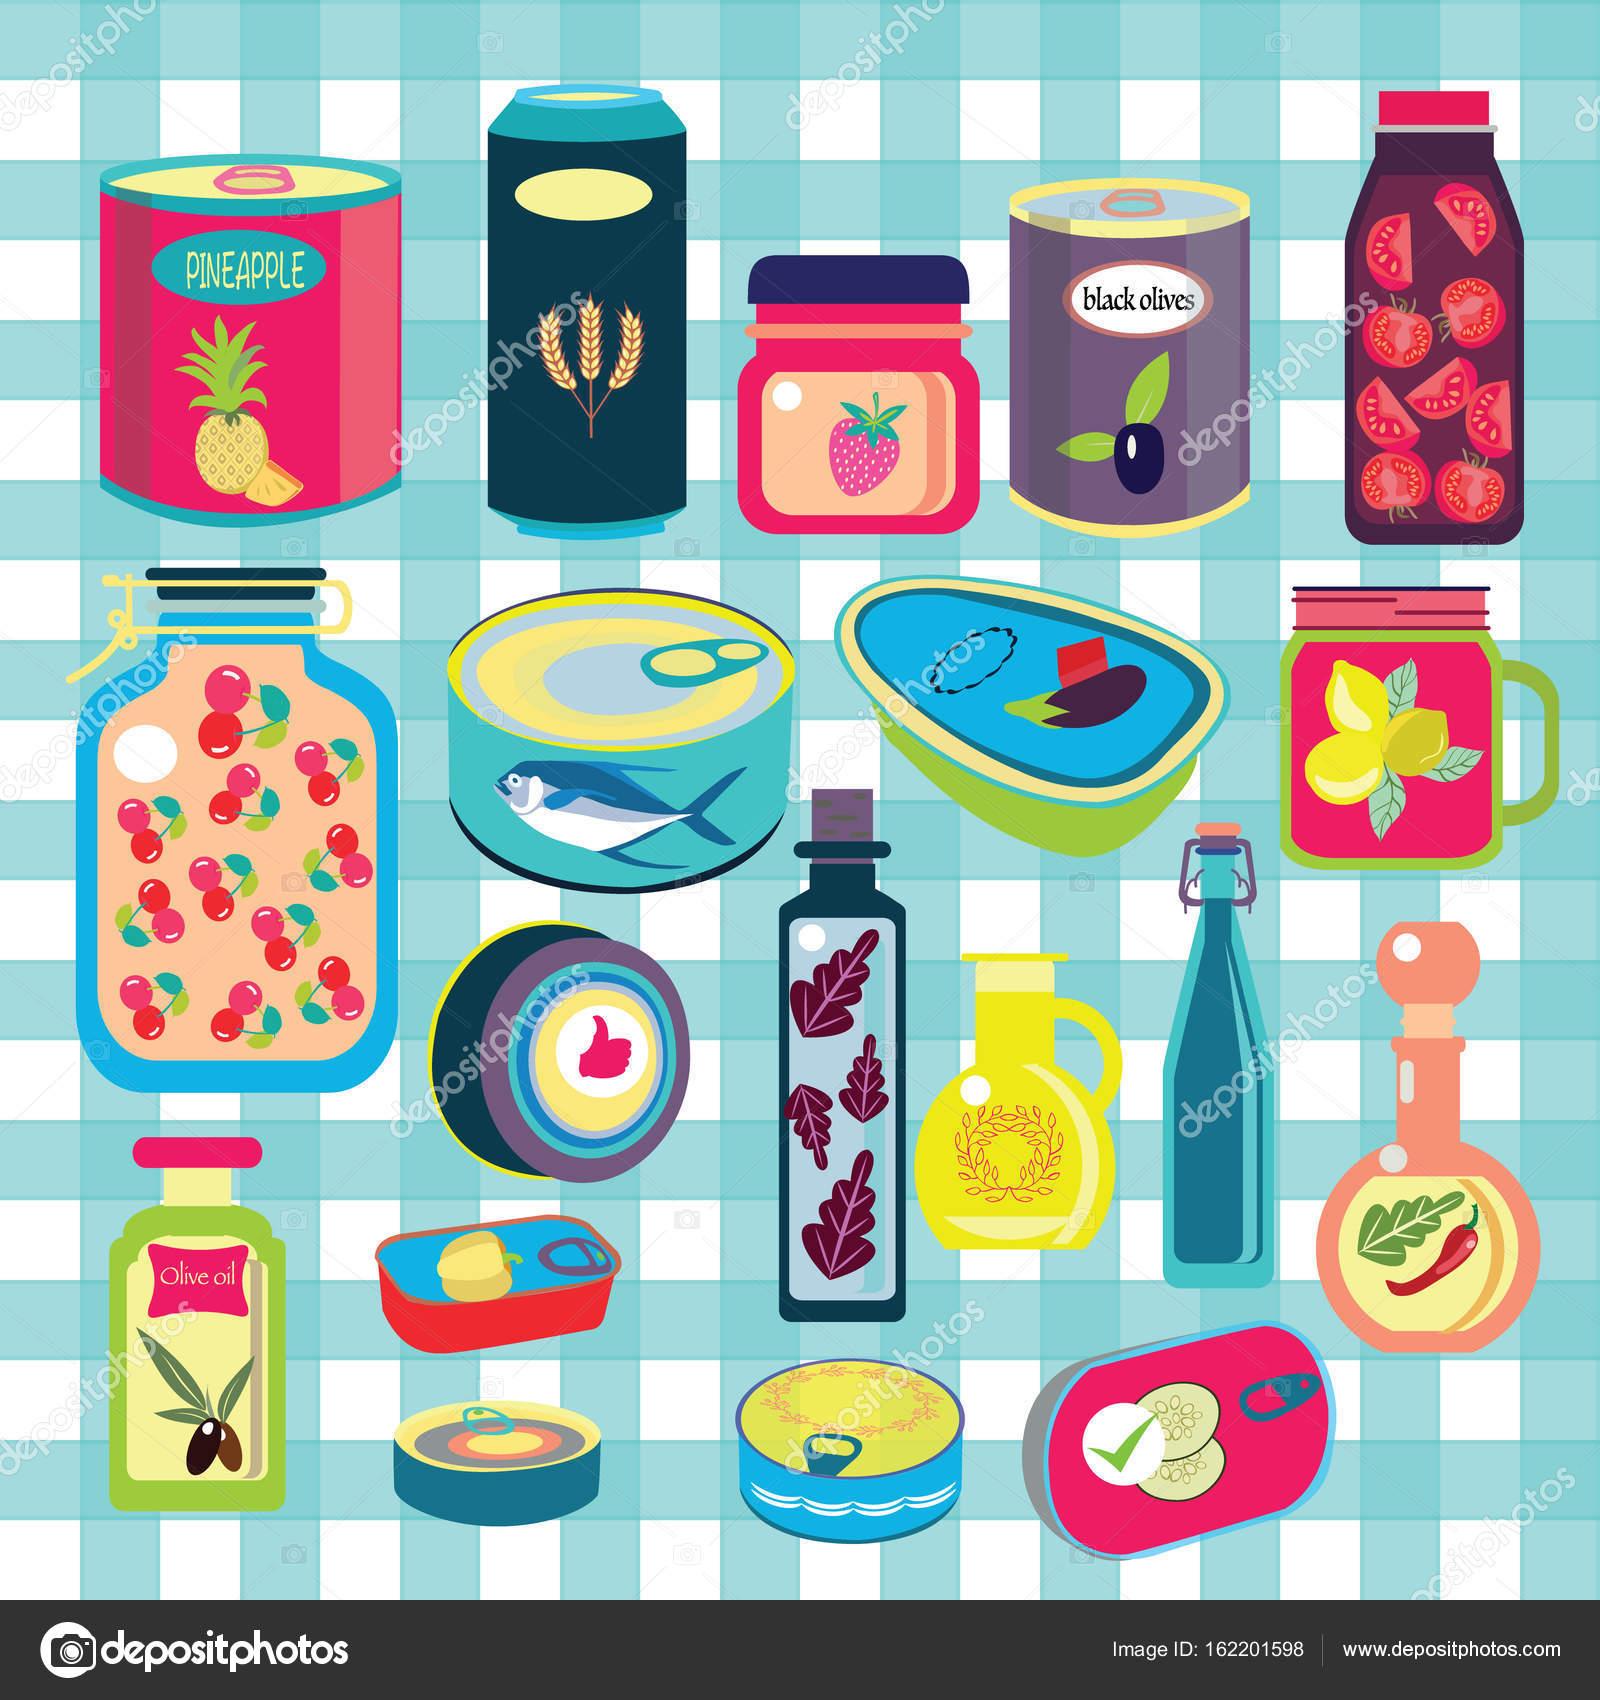 22b25eaa71 Raccolta di vari barattoli in scatola merce alimentare contenitore  metallico negozio di alimentari e conservazione del prodotto — Vettoriali  di ...